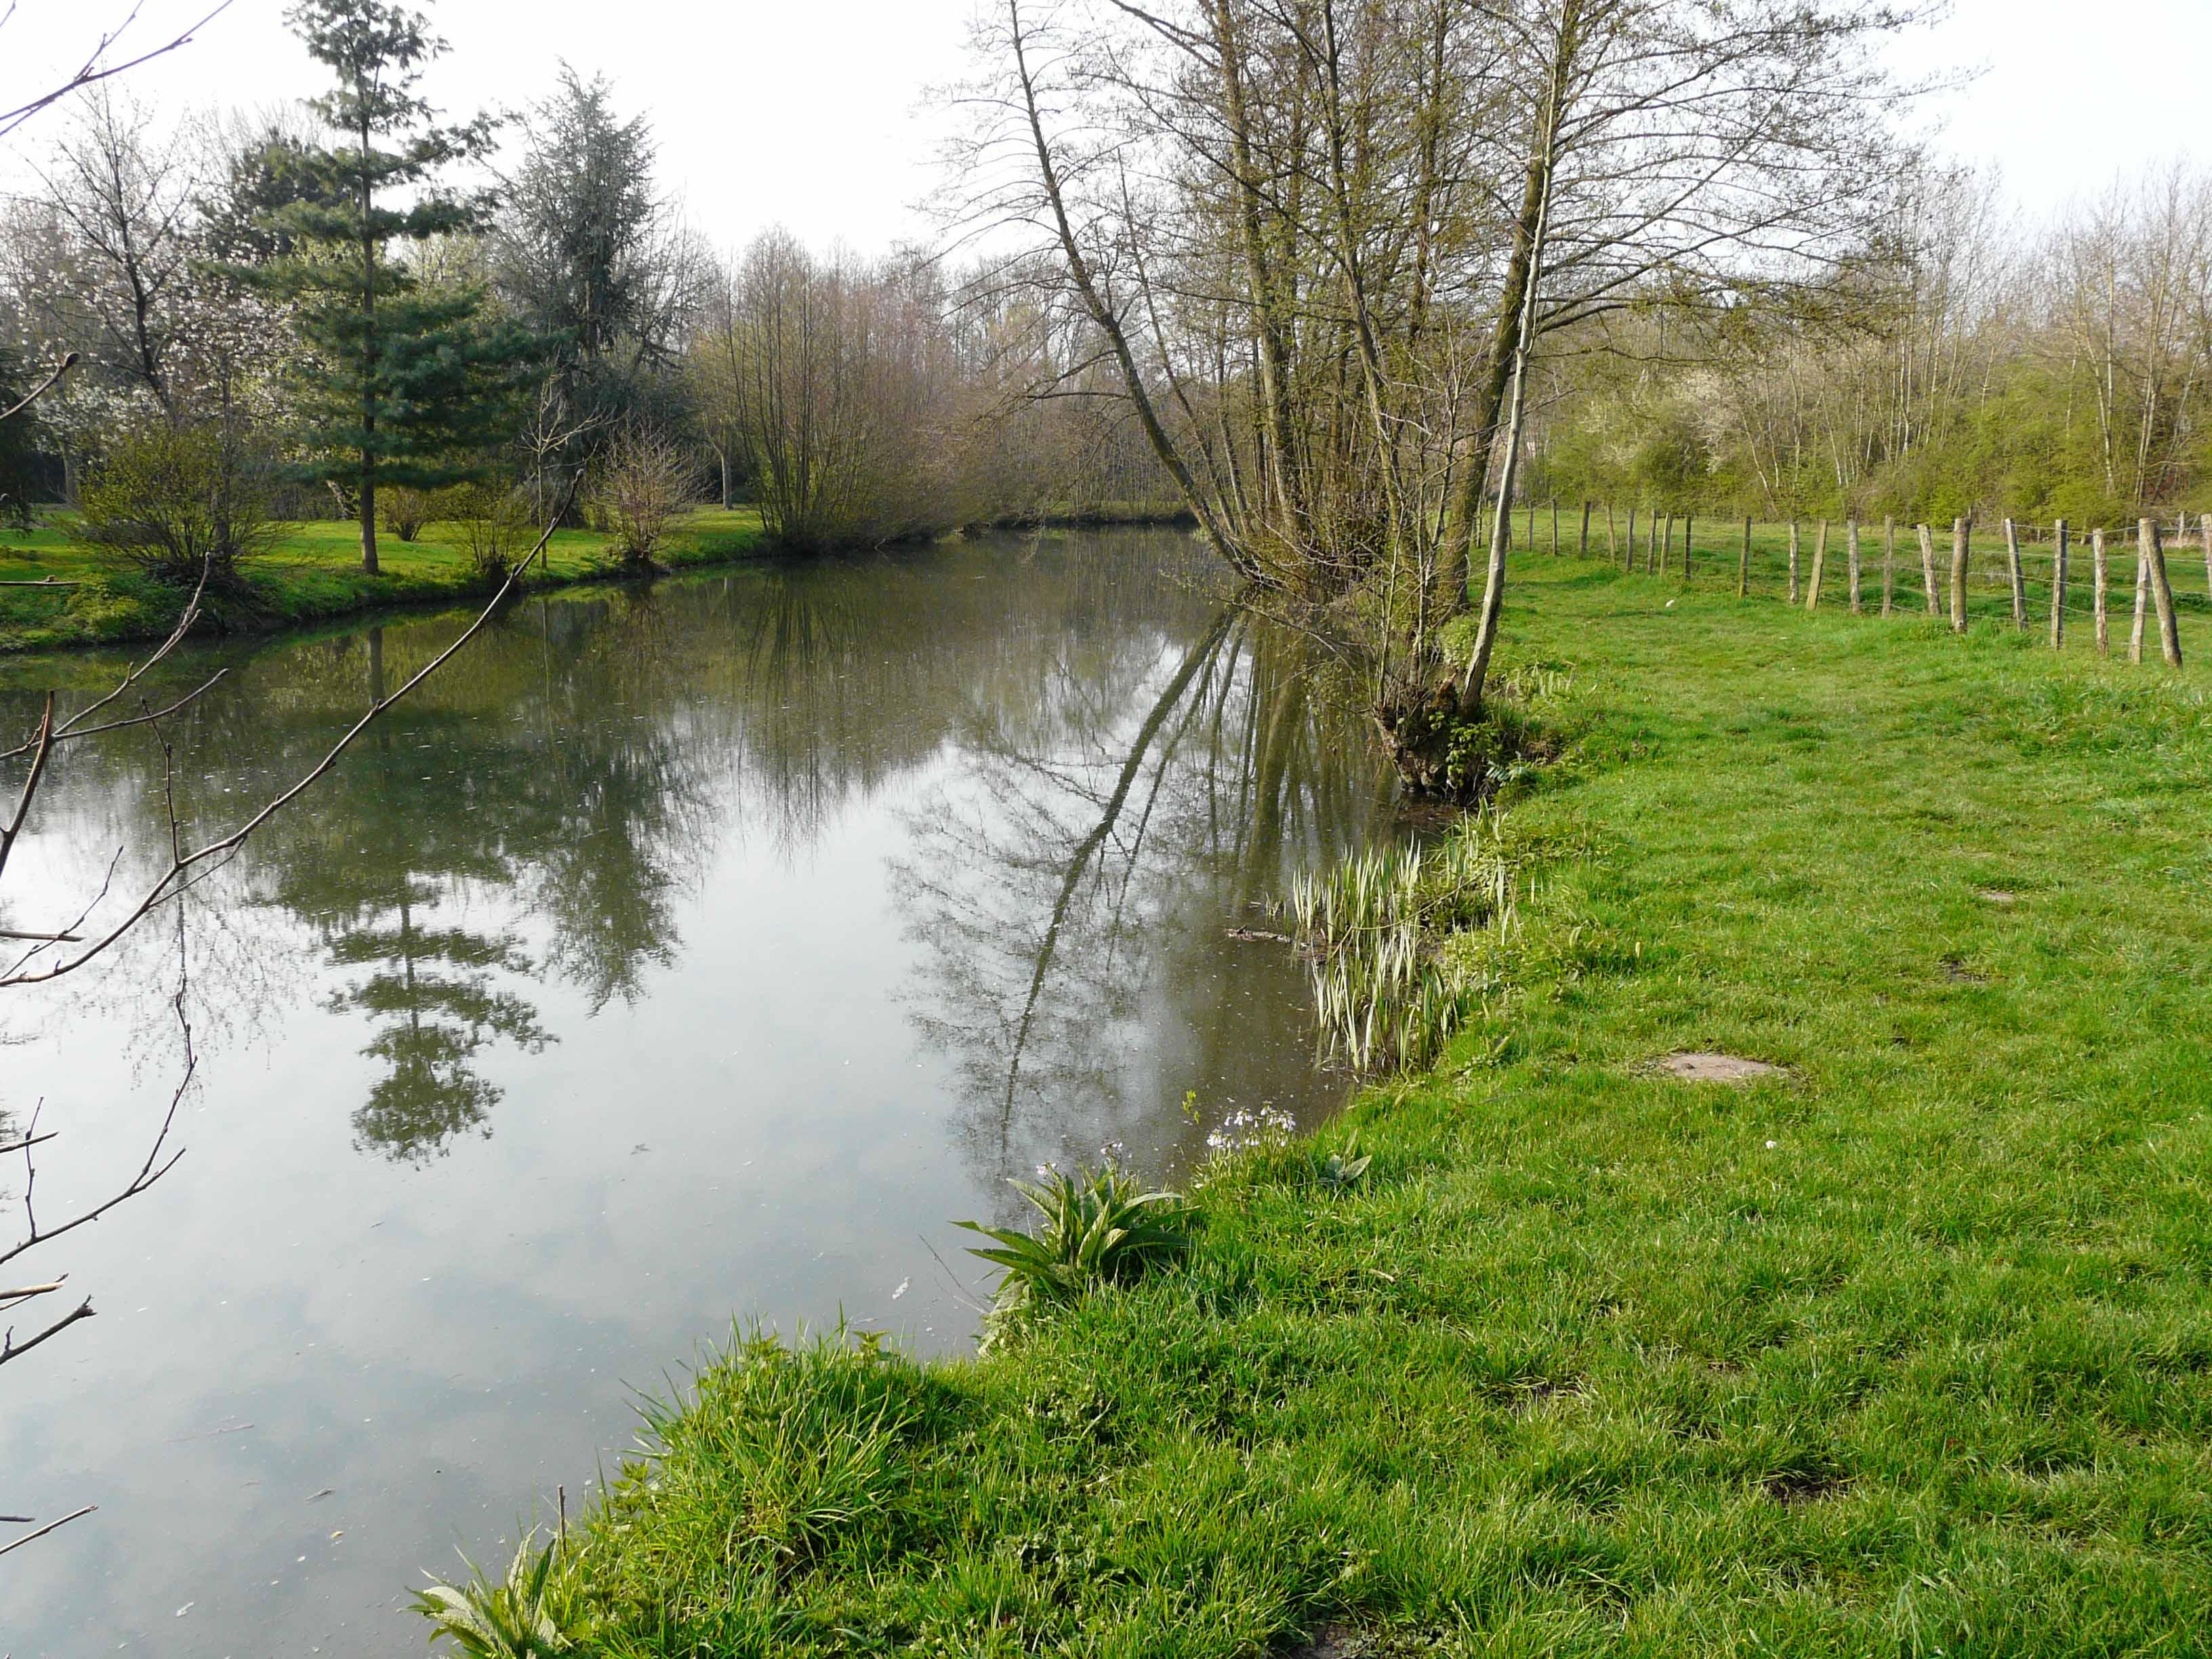 Parcours de la rivière Ozanne 2ème catégorie - Parcours de la rivière Ozanne 2ème catégorie